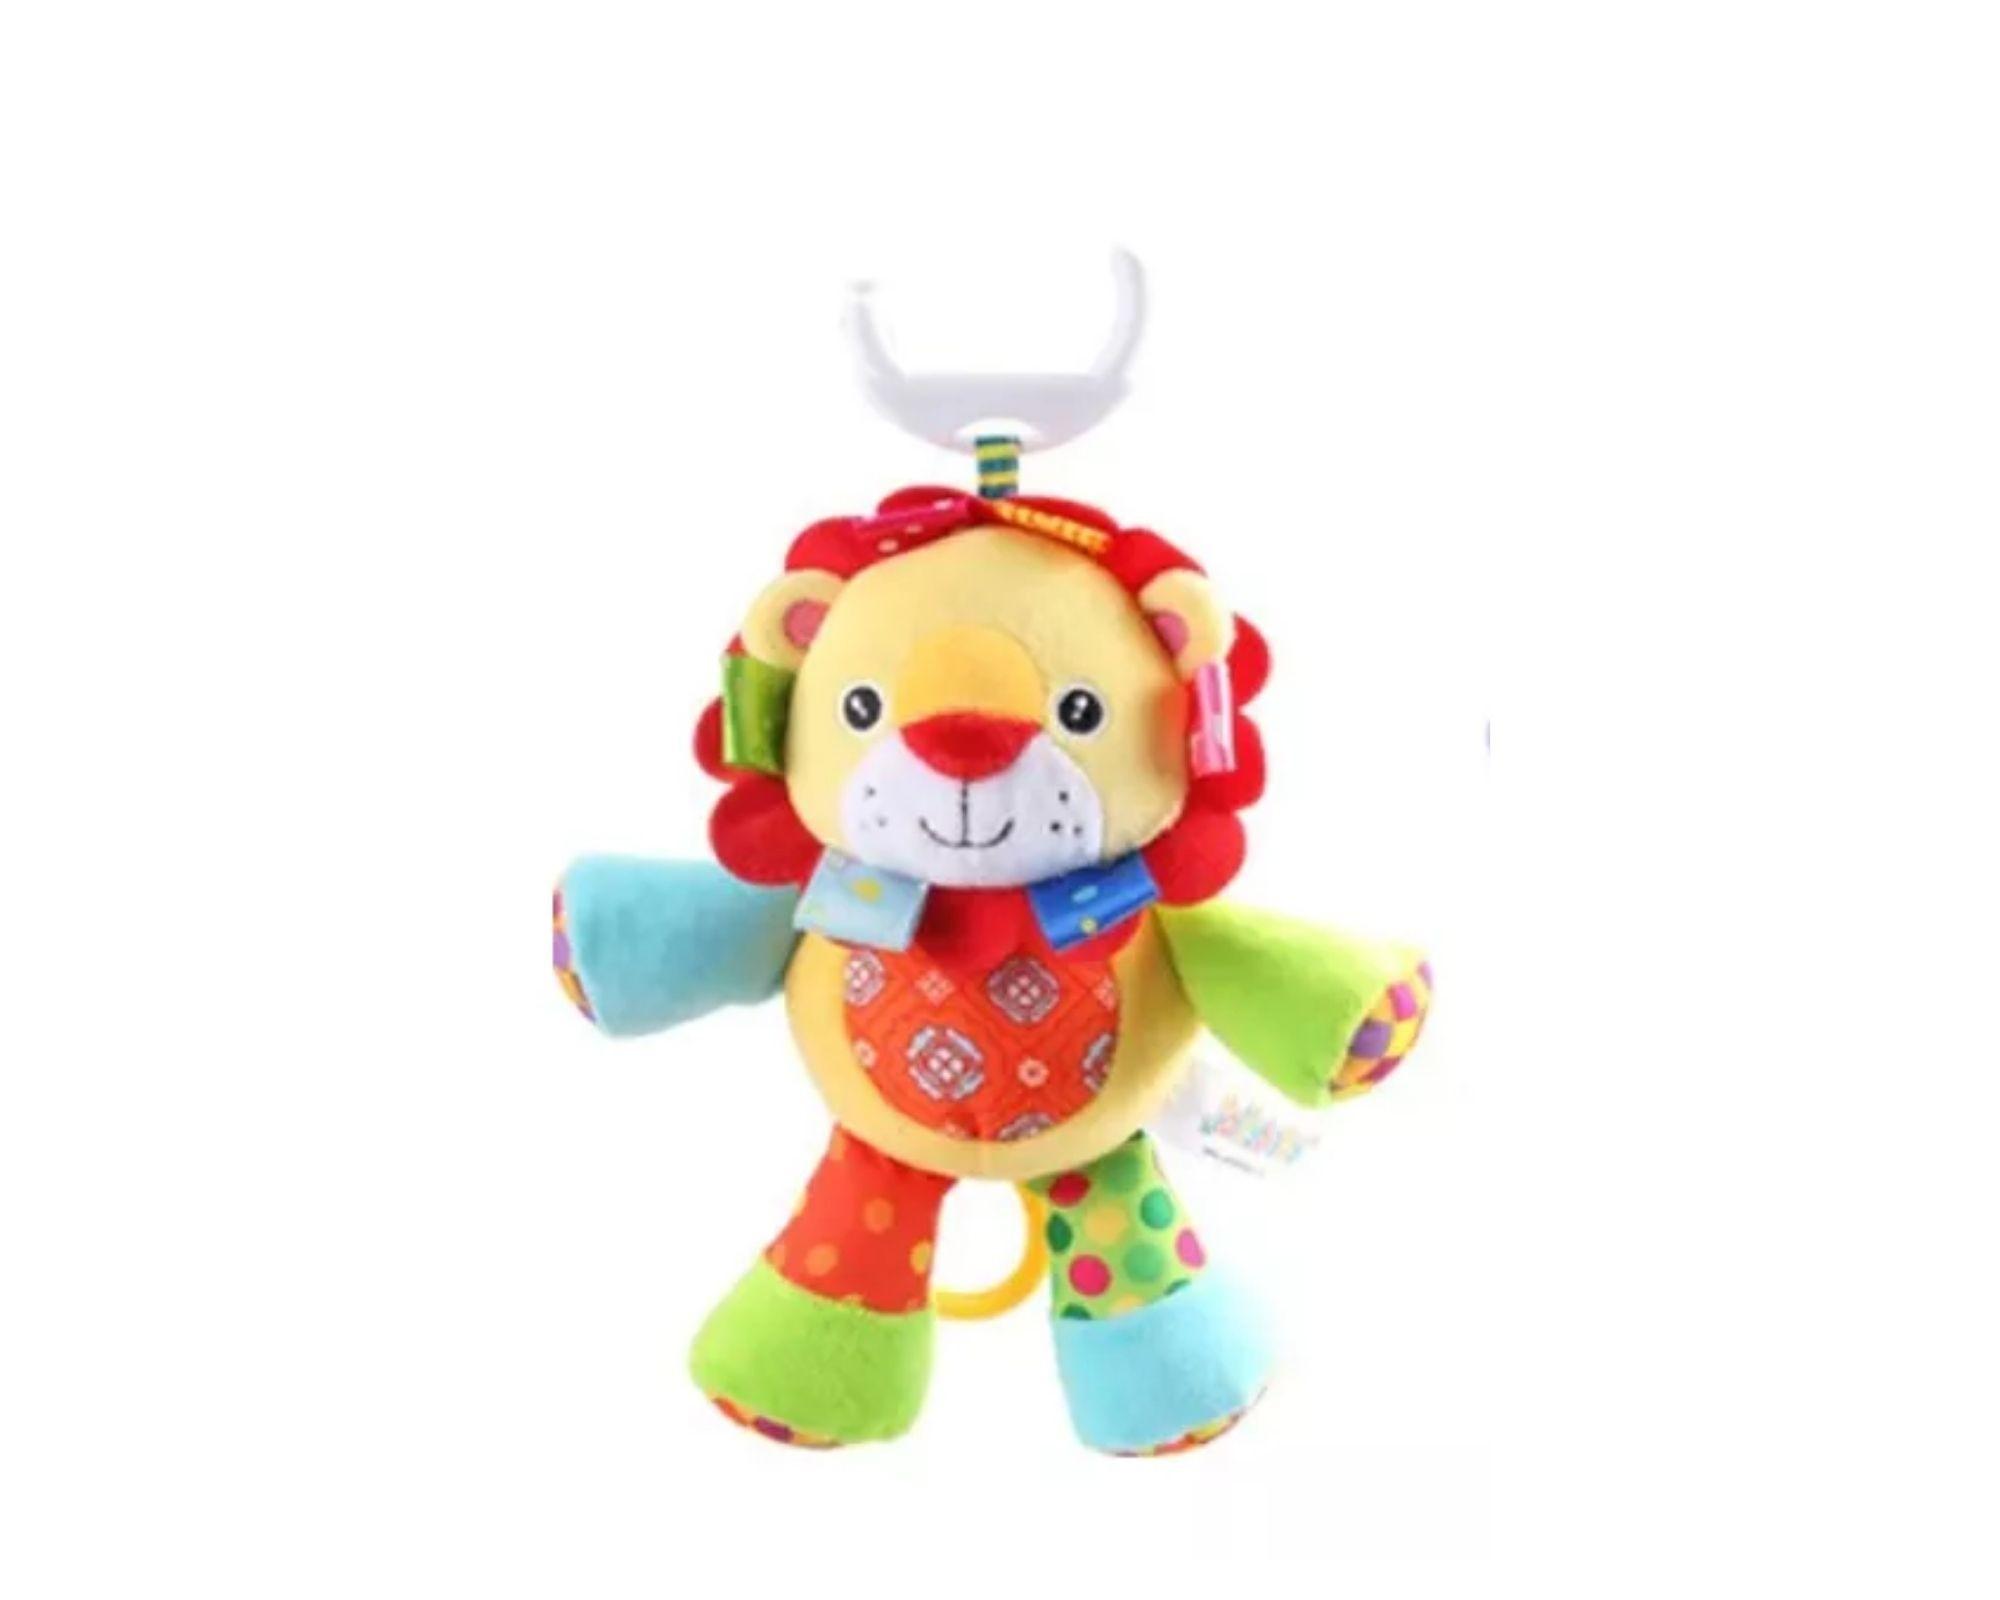 Brinquedo Chocalho Musical de Pelucia Leão para bebê Interativo  - Game Land Brinquedos